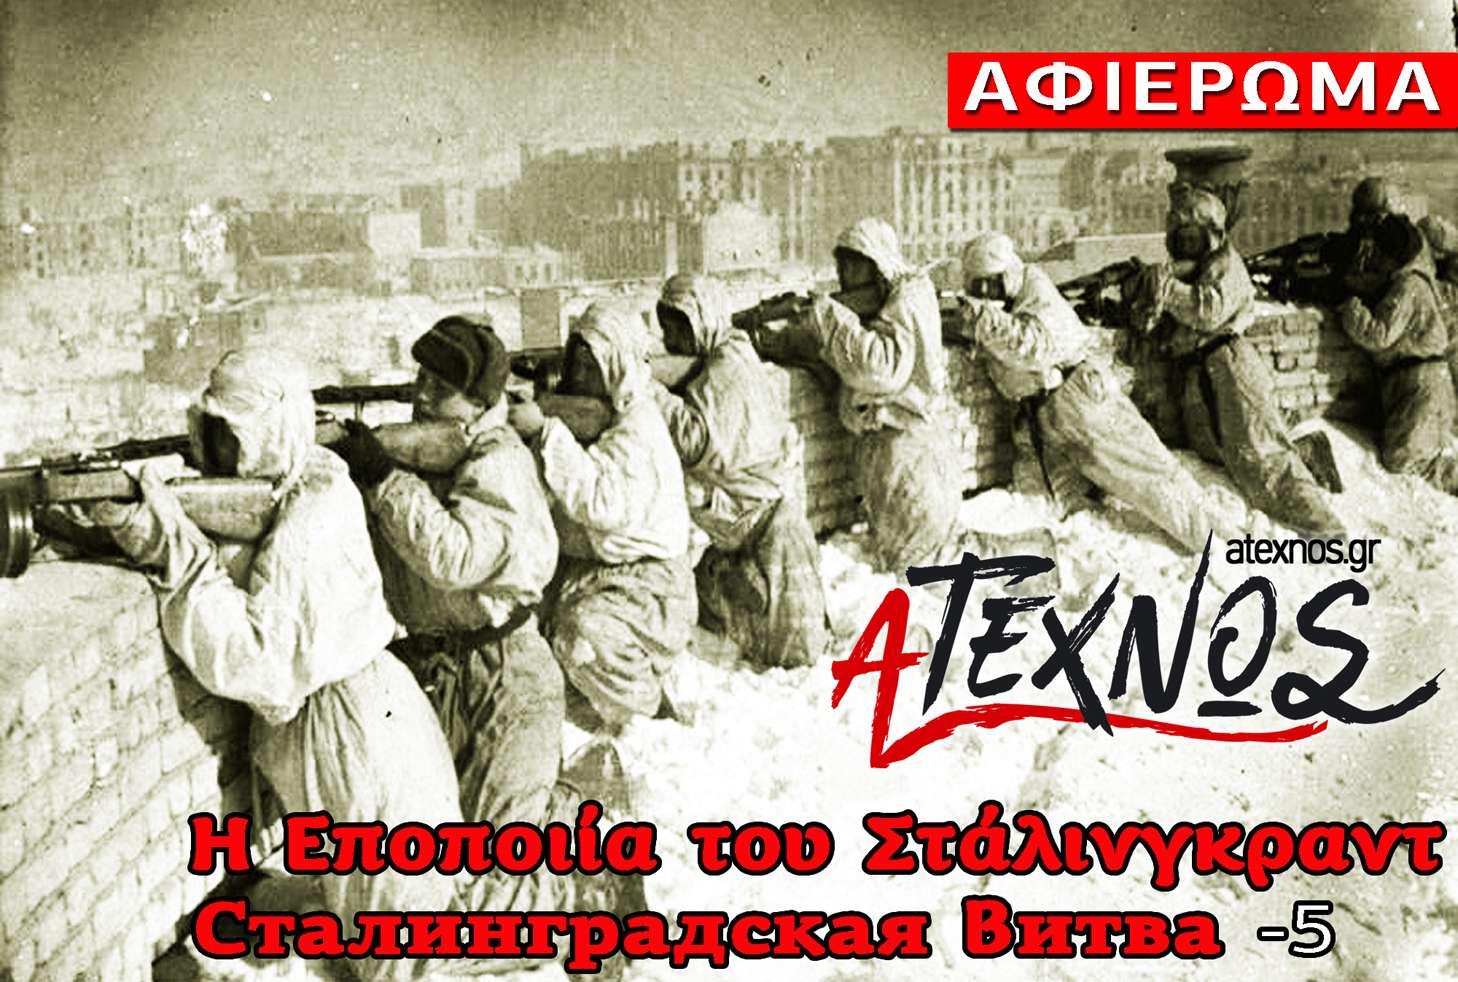 Εποποιία του Στάλινγκραντ Сталинградская битва 5